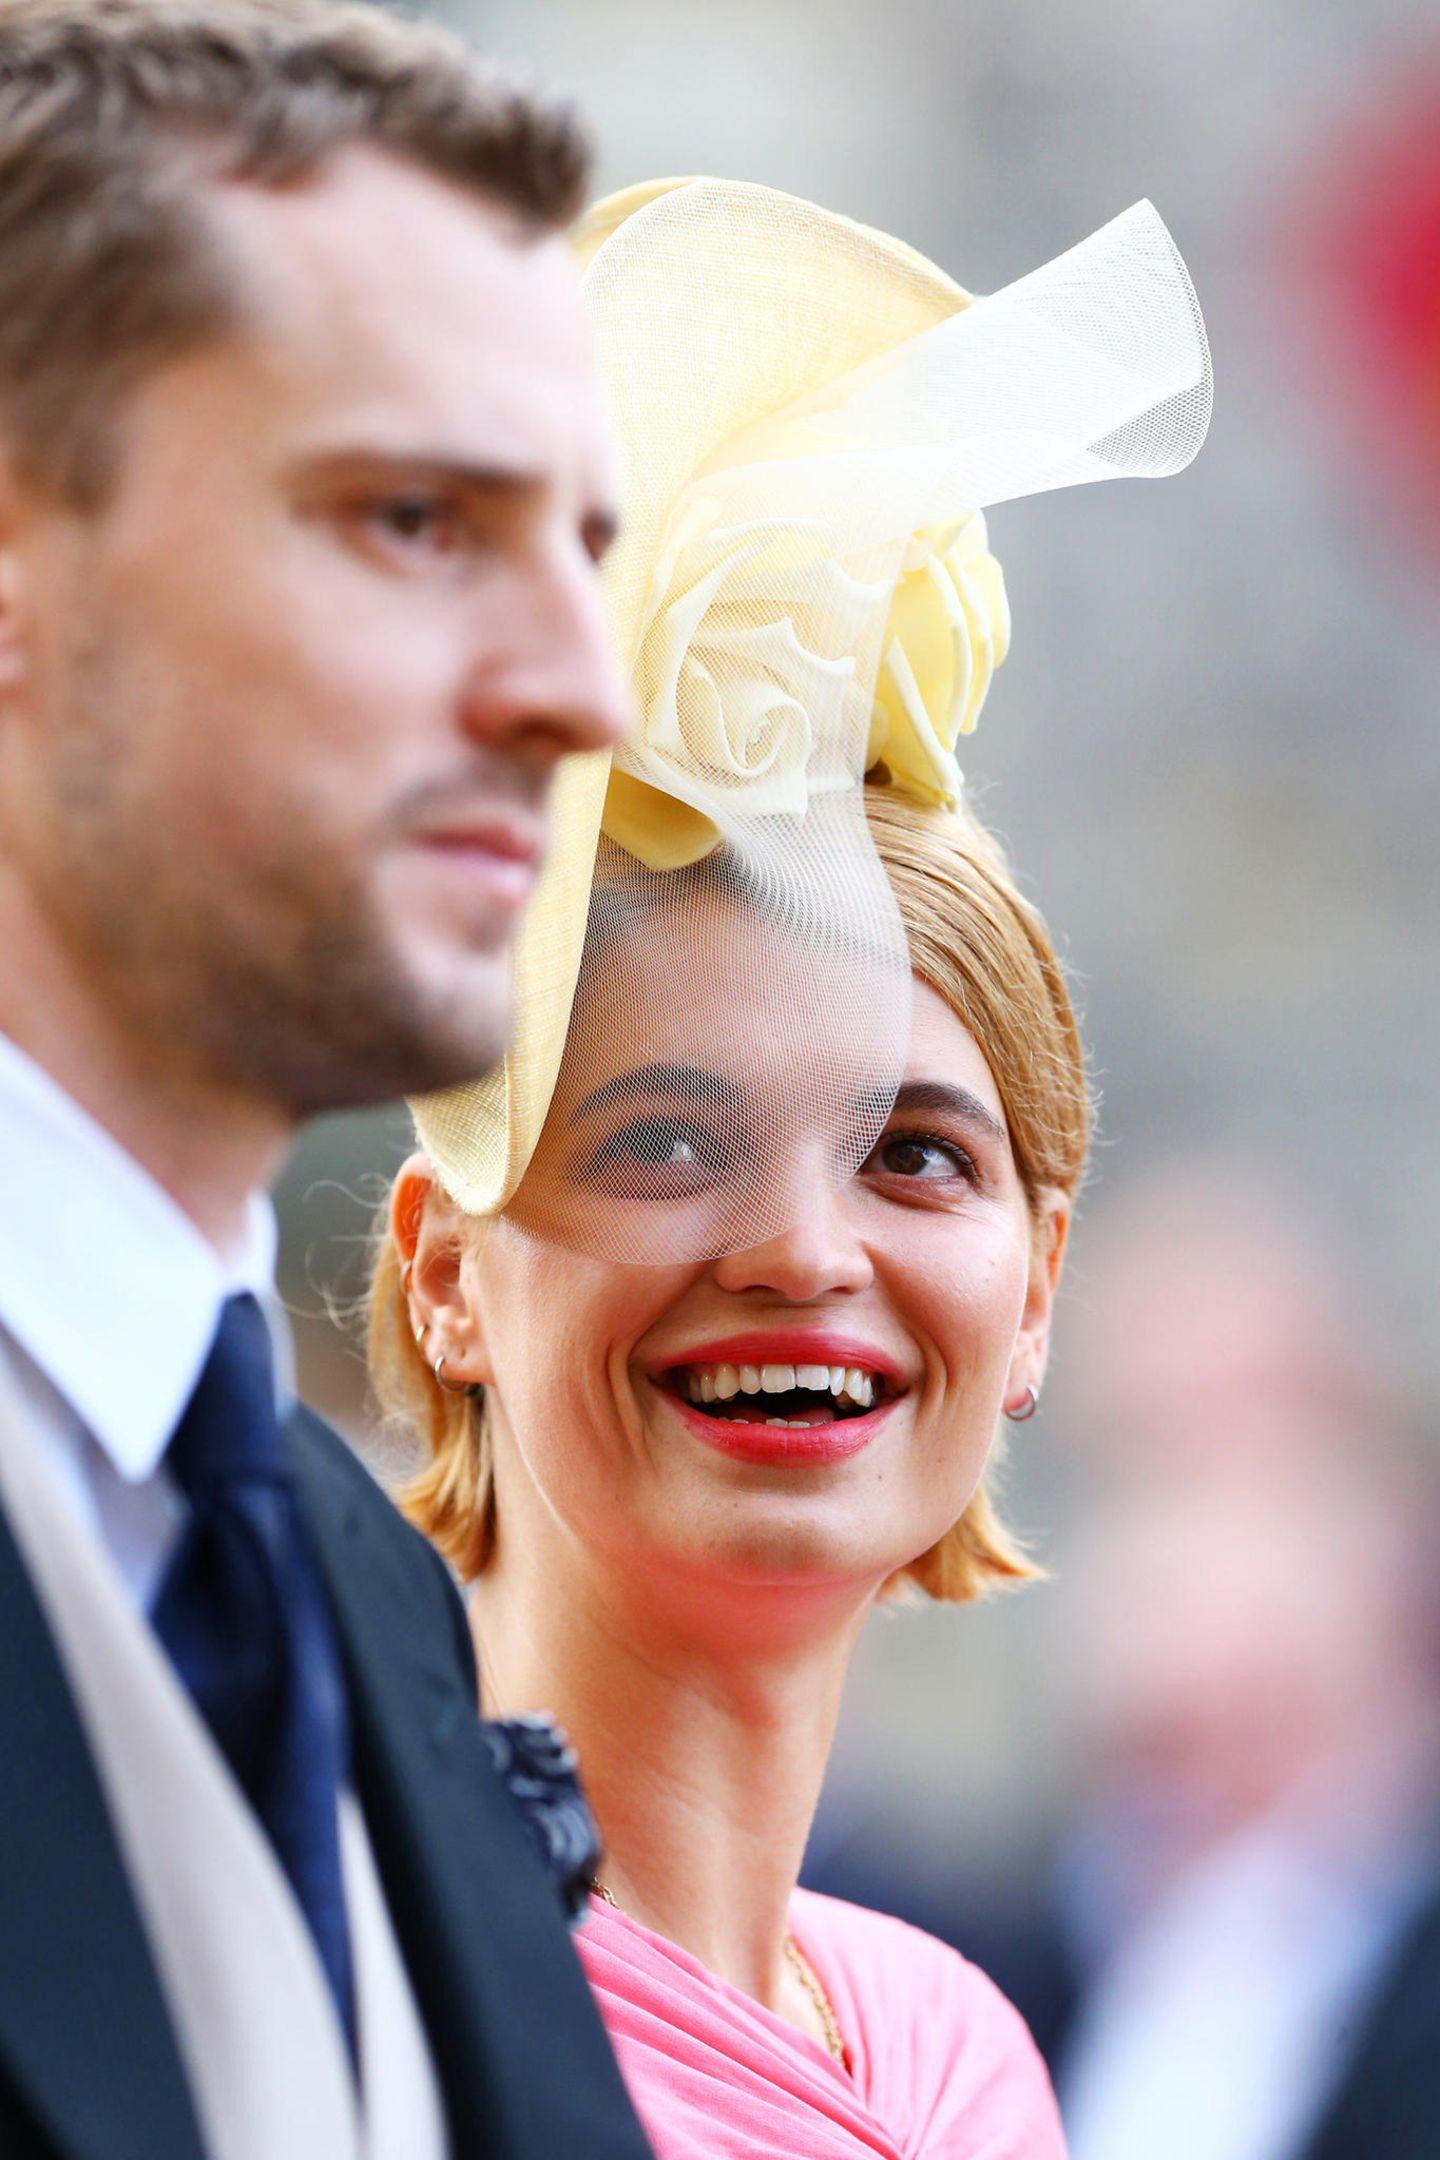 Pixie Geldof gehört an diesem besonderen Tag zu den prominentenGästen. Begleitet wird sie von ihrem MannGeorge Barnett.